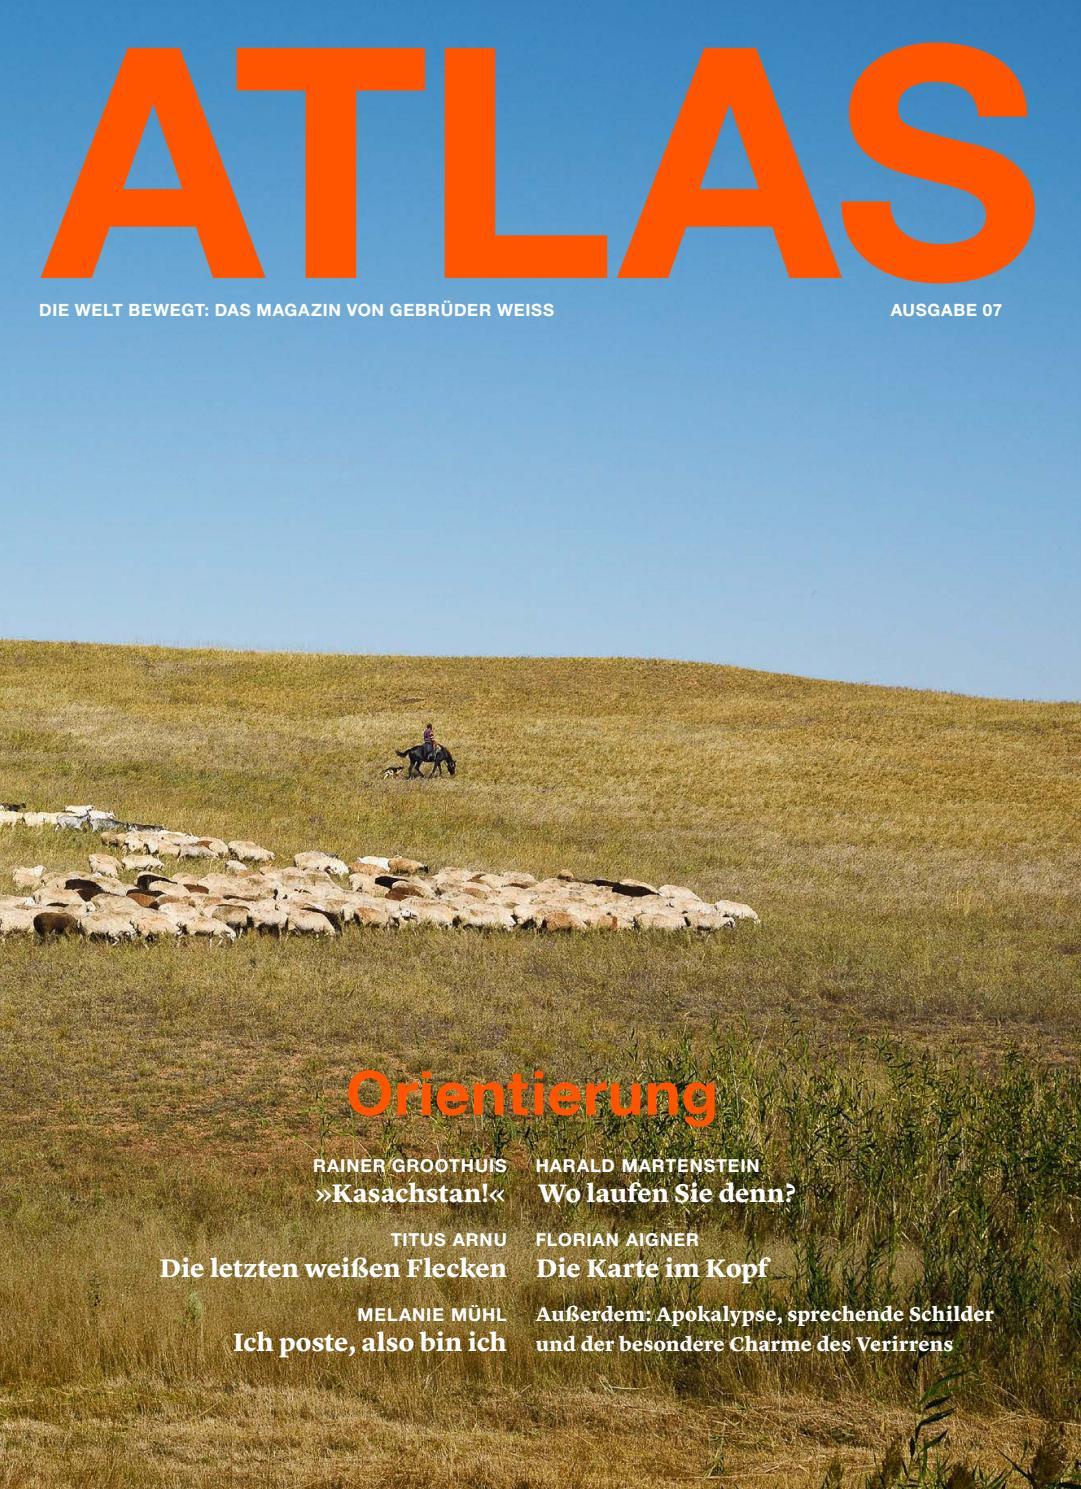 ATLAS 07 deutsch by Gebrüder Weiss - issuu